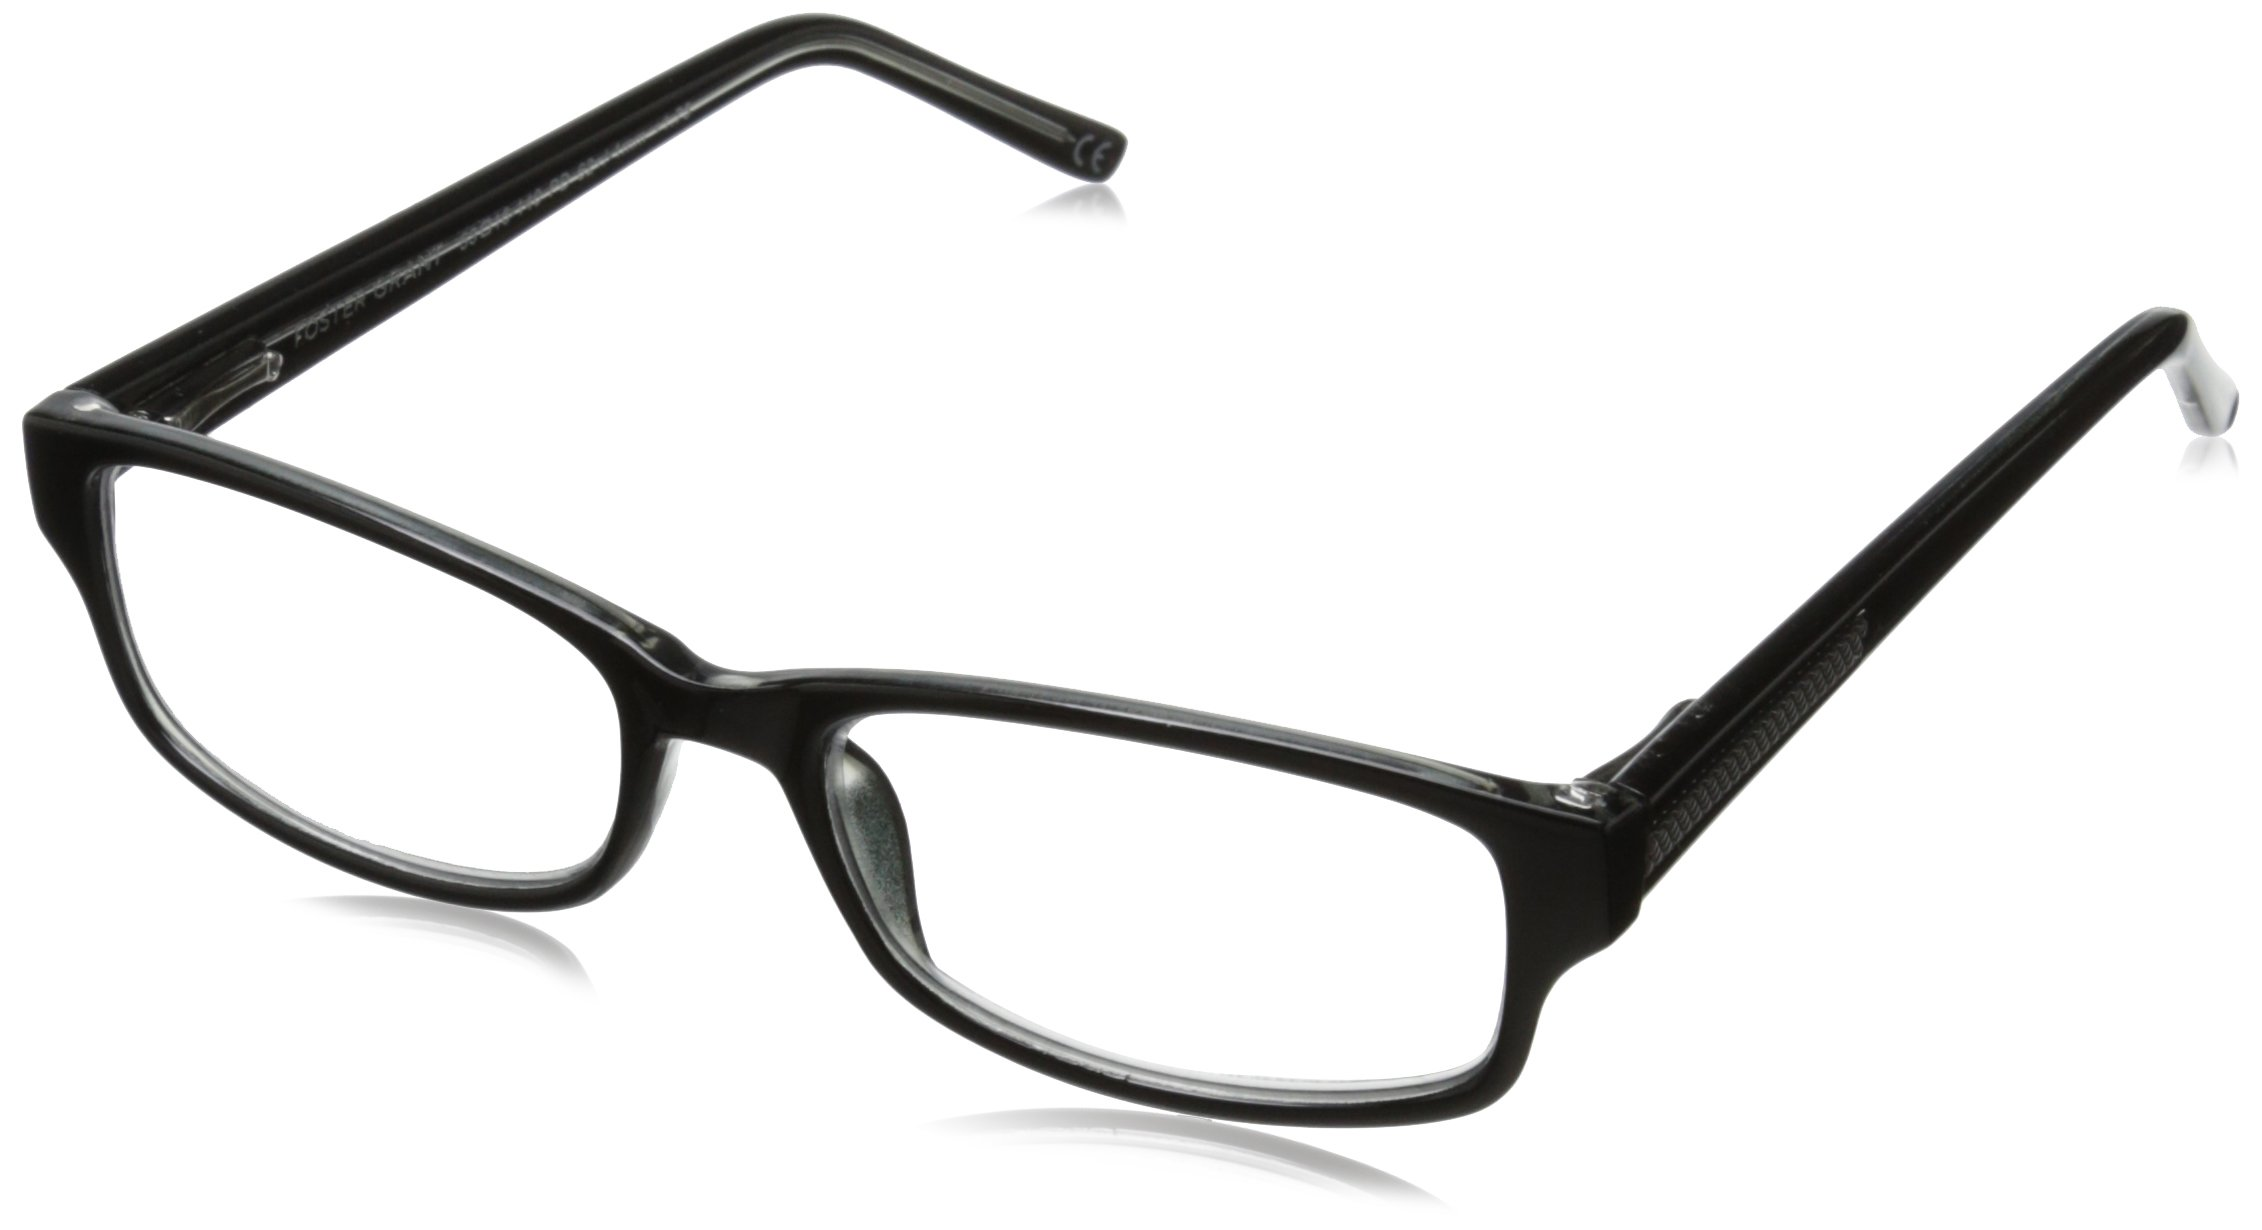 Foster Grant James Multifocus Glasses, Black, 1.5